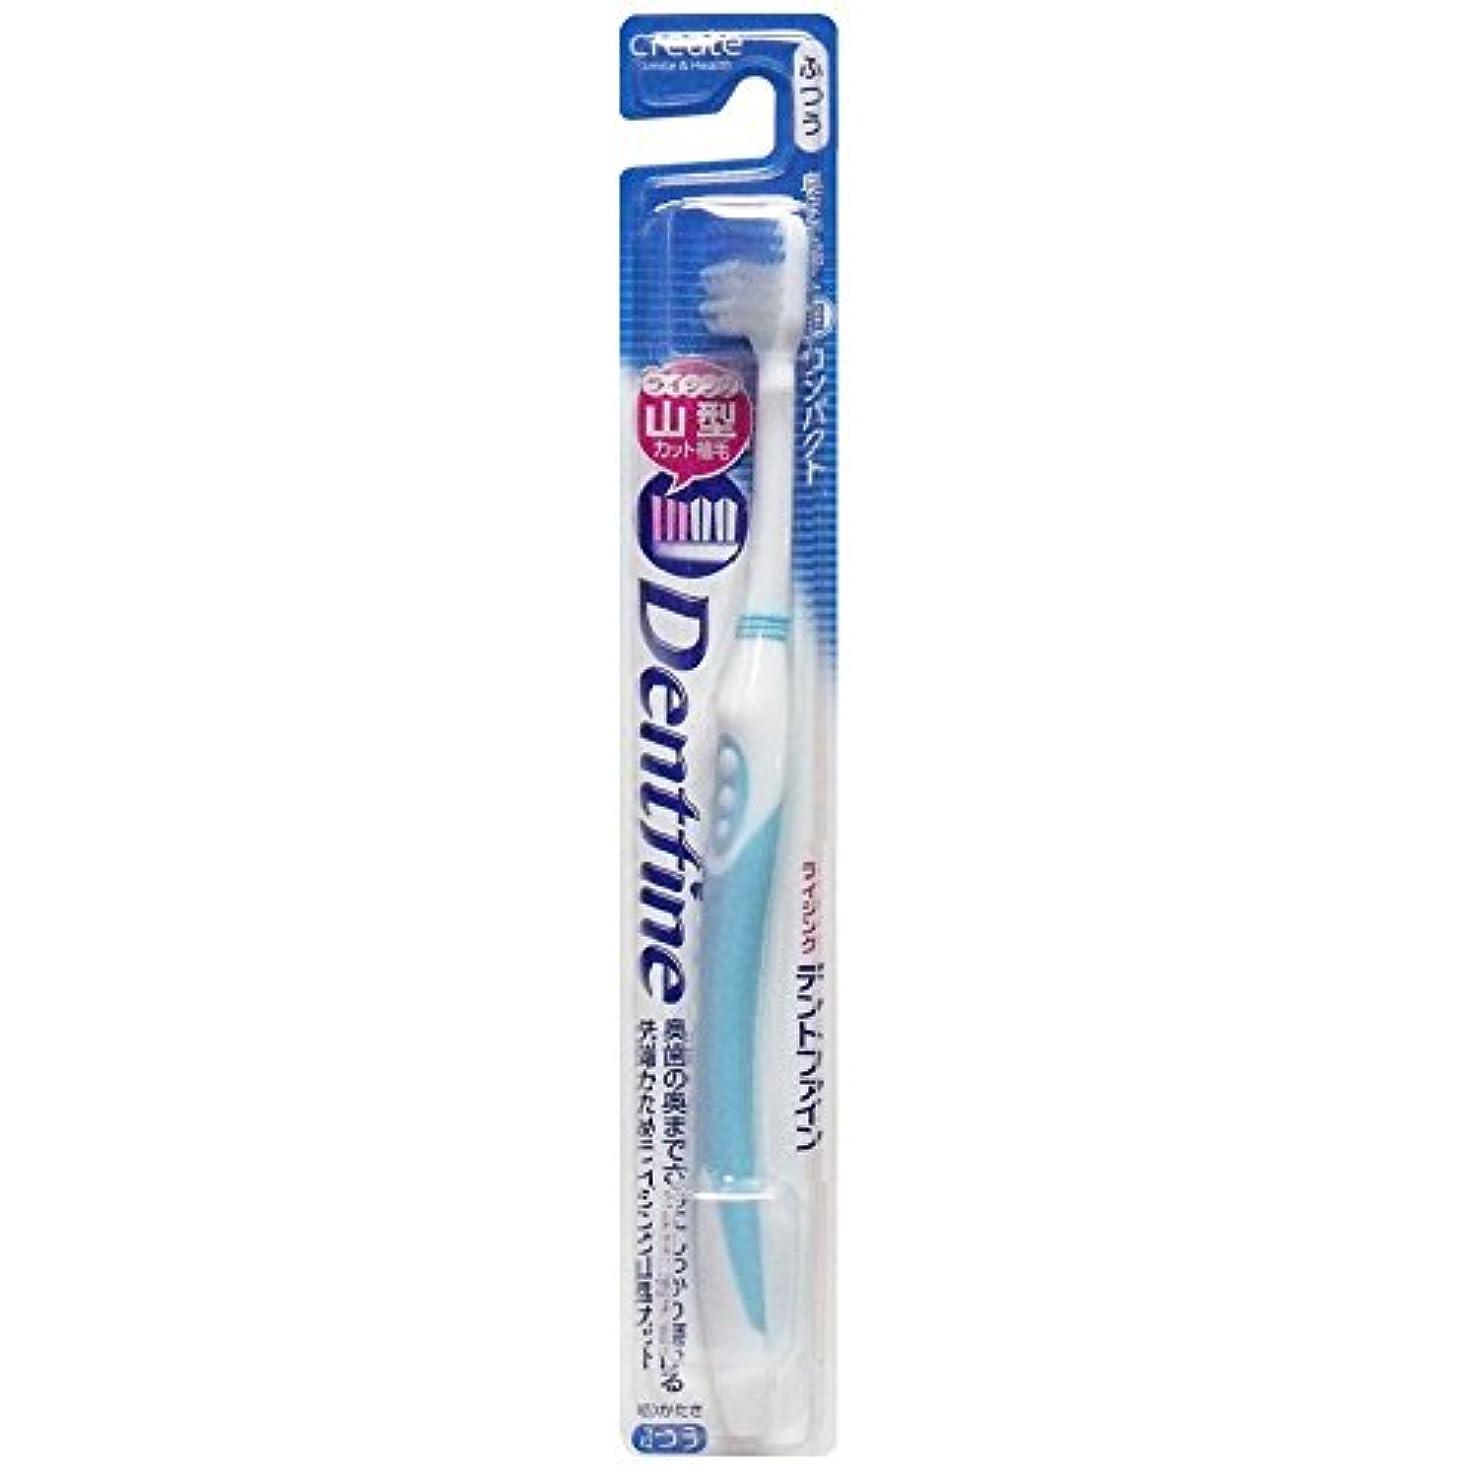 マニフェスト中性粒子デントファイン ピュアスタイル 山切りカット 歯ブラシ ふつう 1本:ブルー